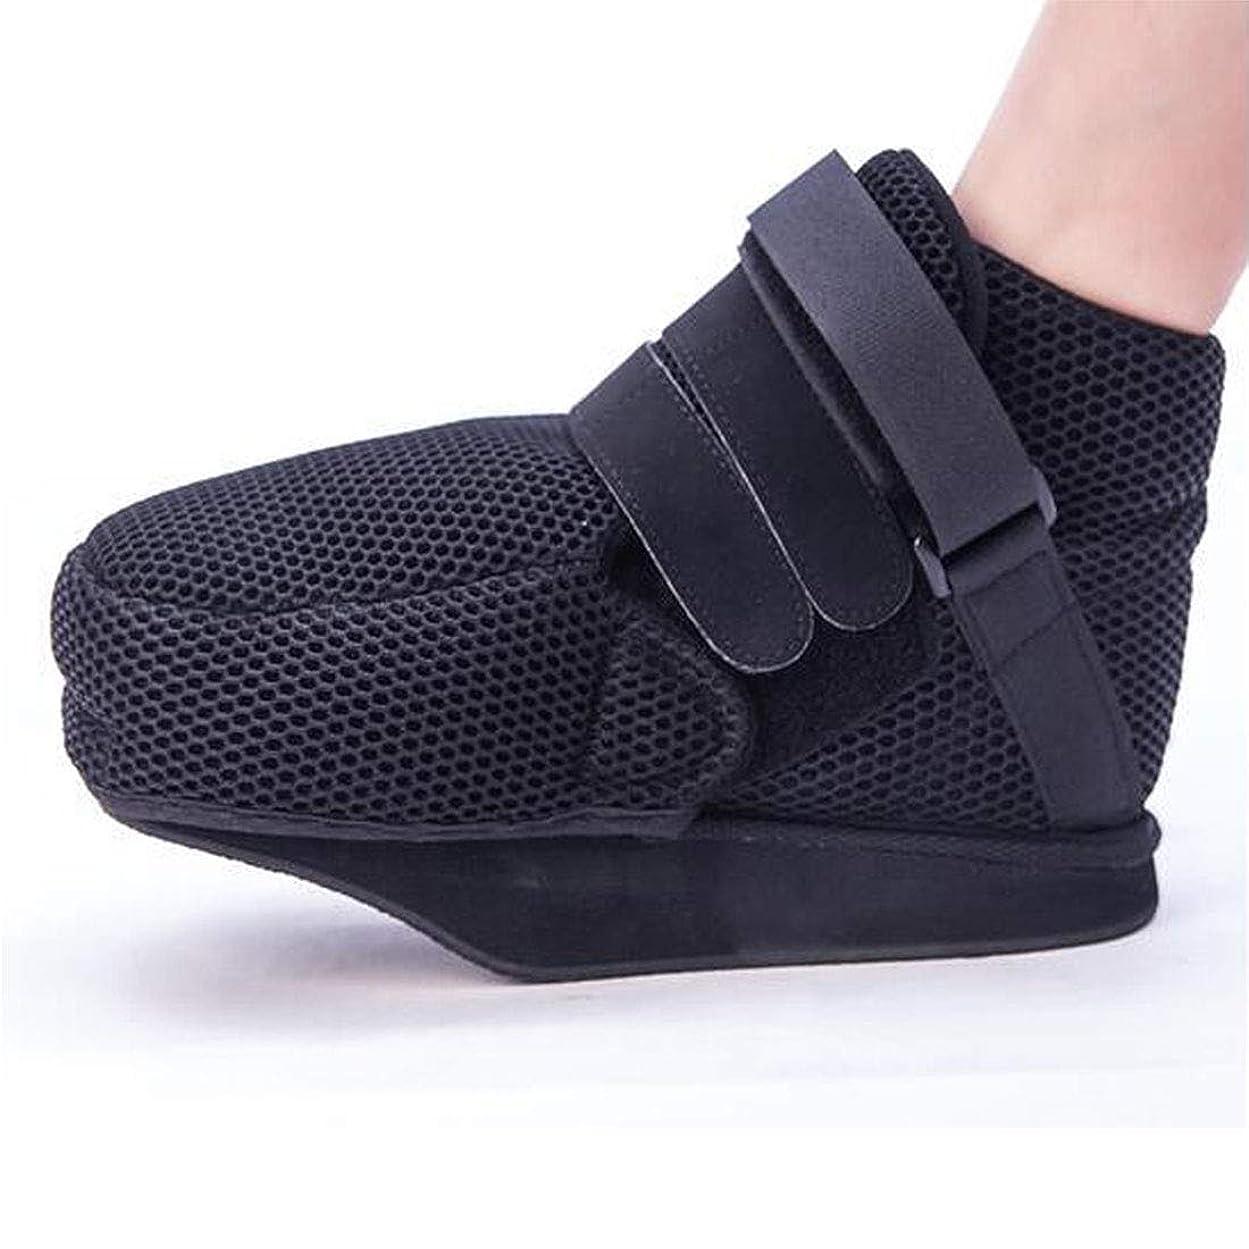 古い哲学的移行する医療足骨折石膏の回復靴の手術後のつま先の靴を安定化骨折の靴を調整可能なファスナーで完全なカバー,S24cm